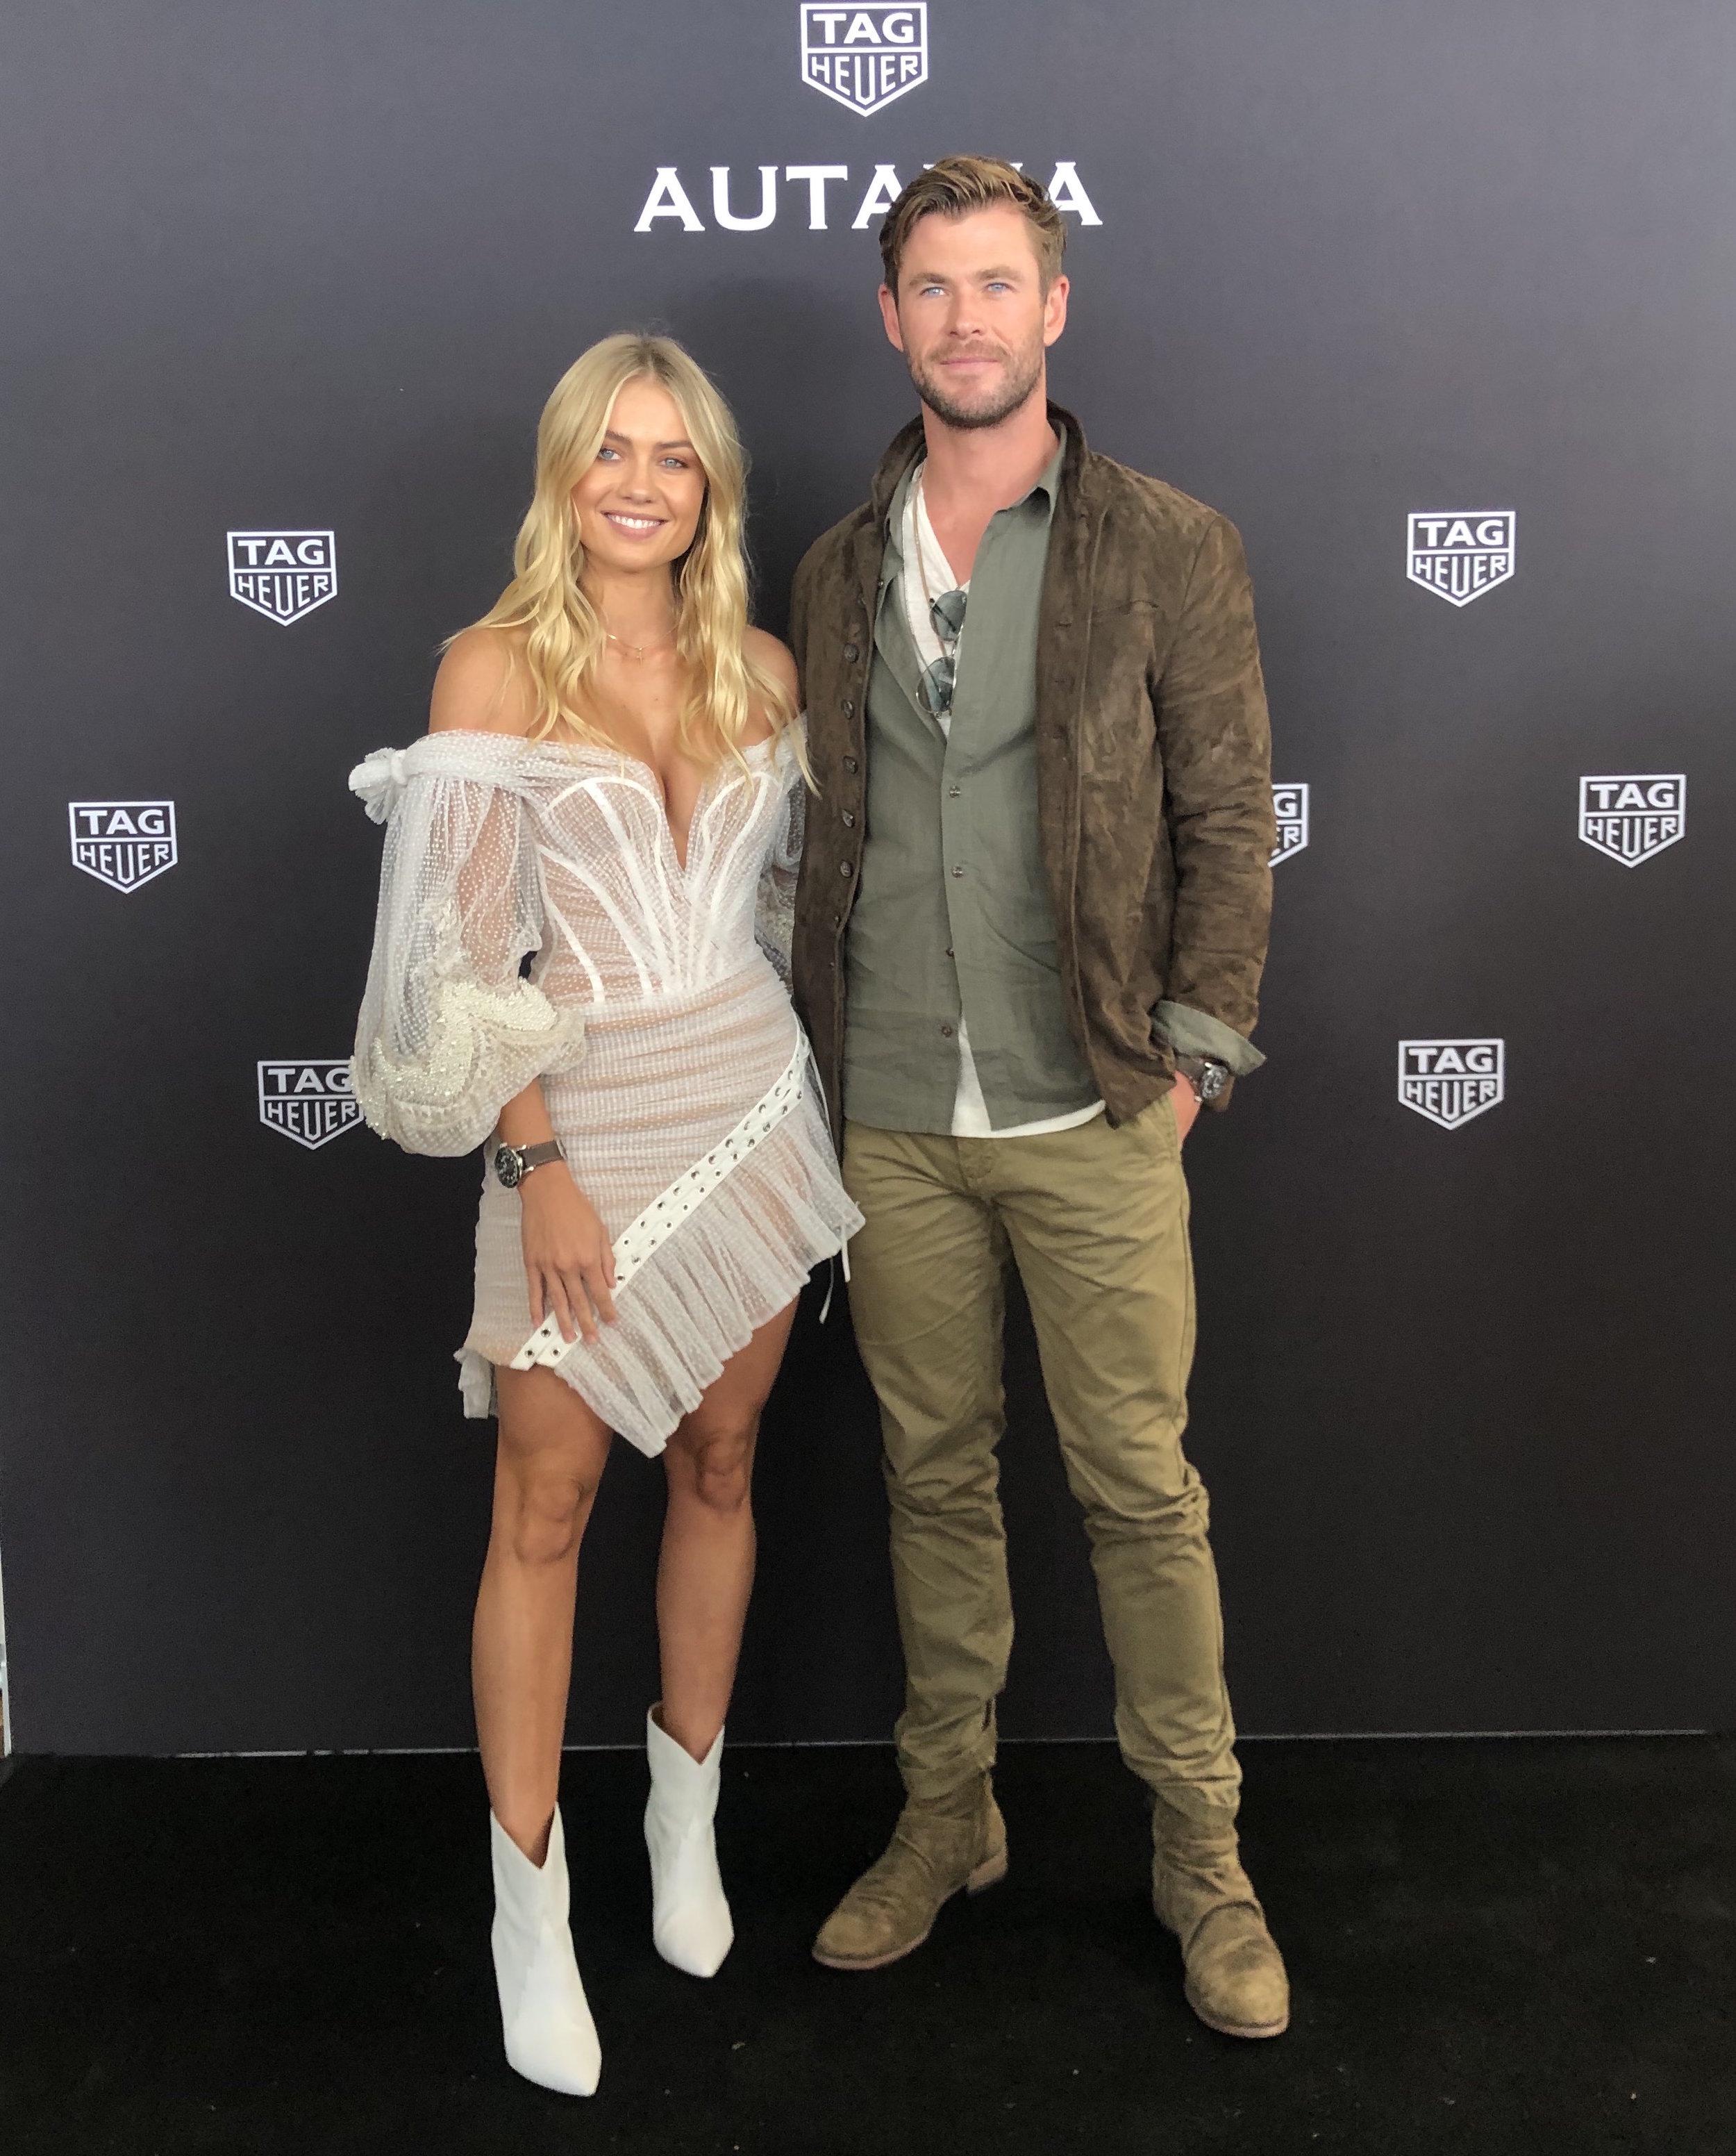 Elyse Knowles & Chris Hemsworth - Tag Heuer 2019 6.jpg